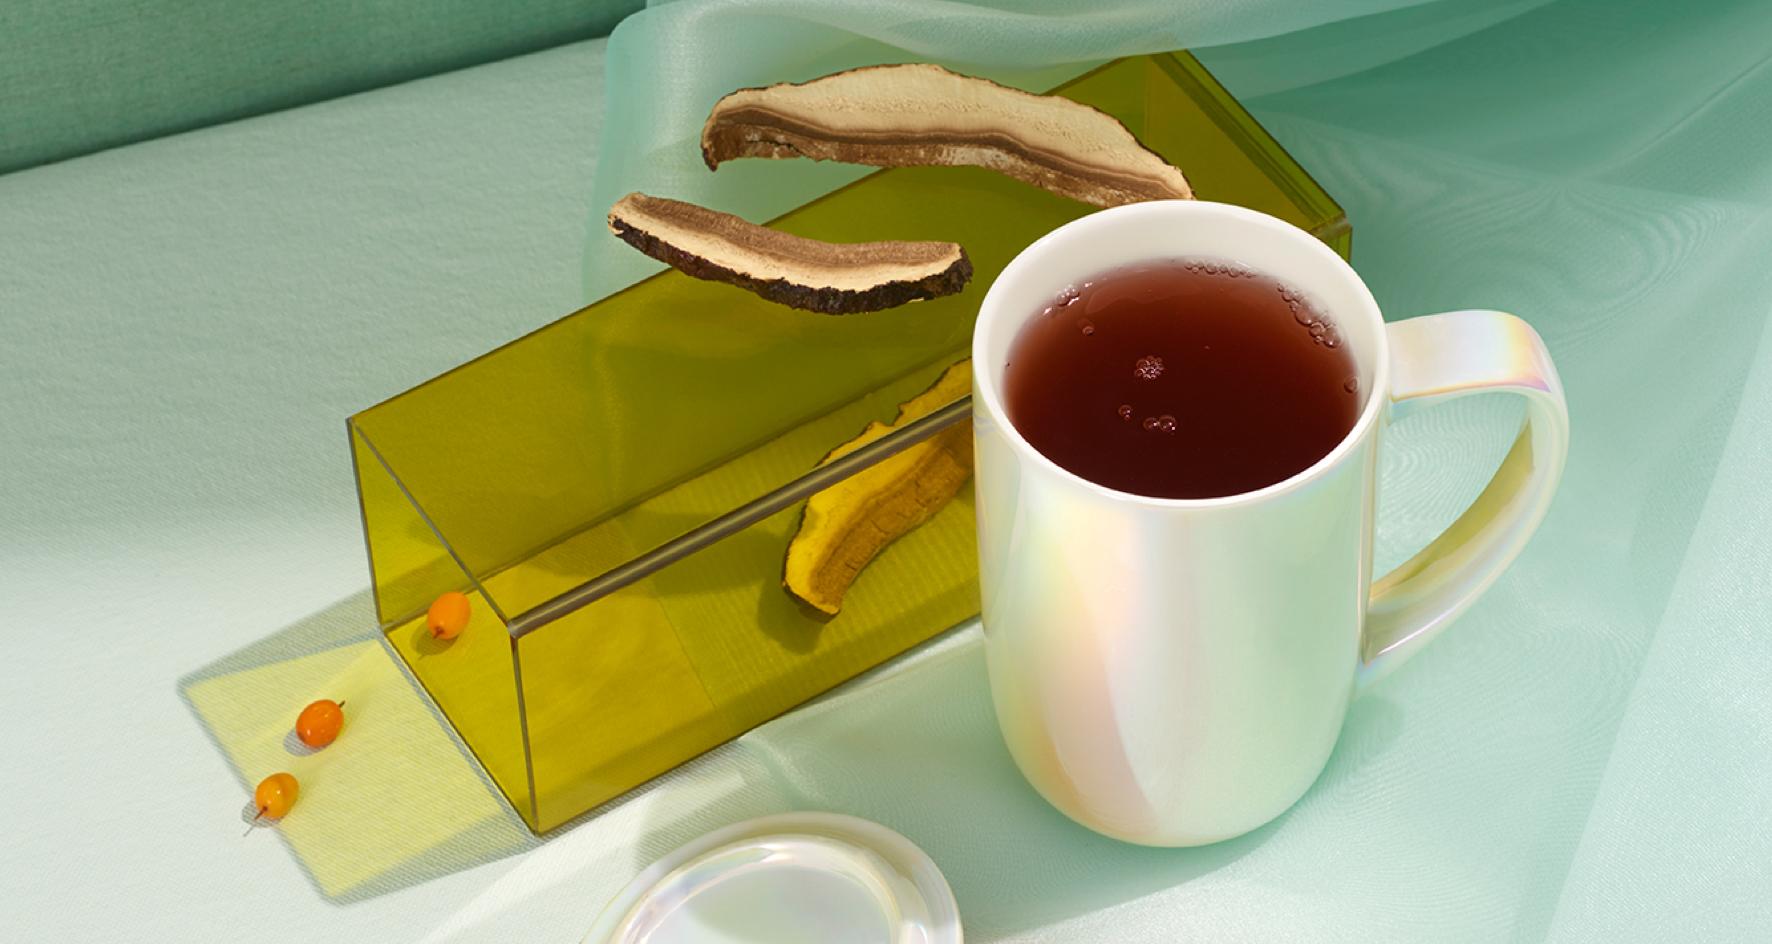 Tasse Nordic remplie de thé Reishi détente placée à côté des ingrédients crus.